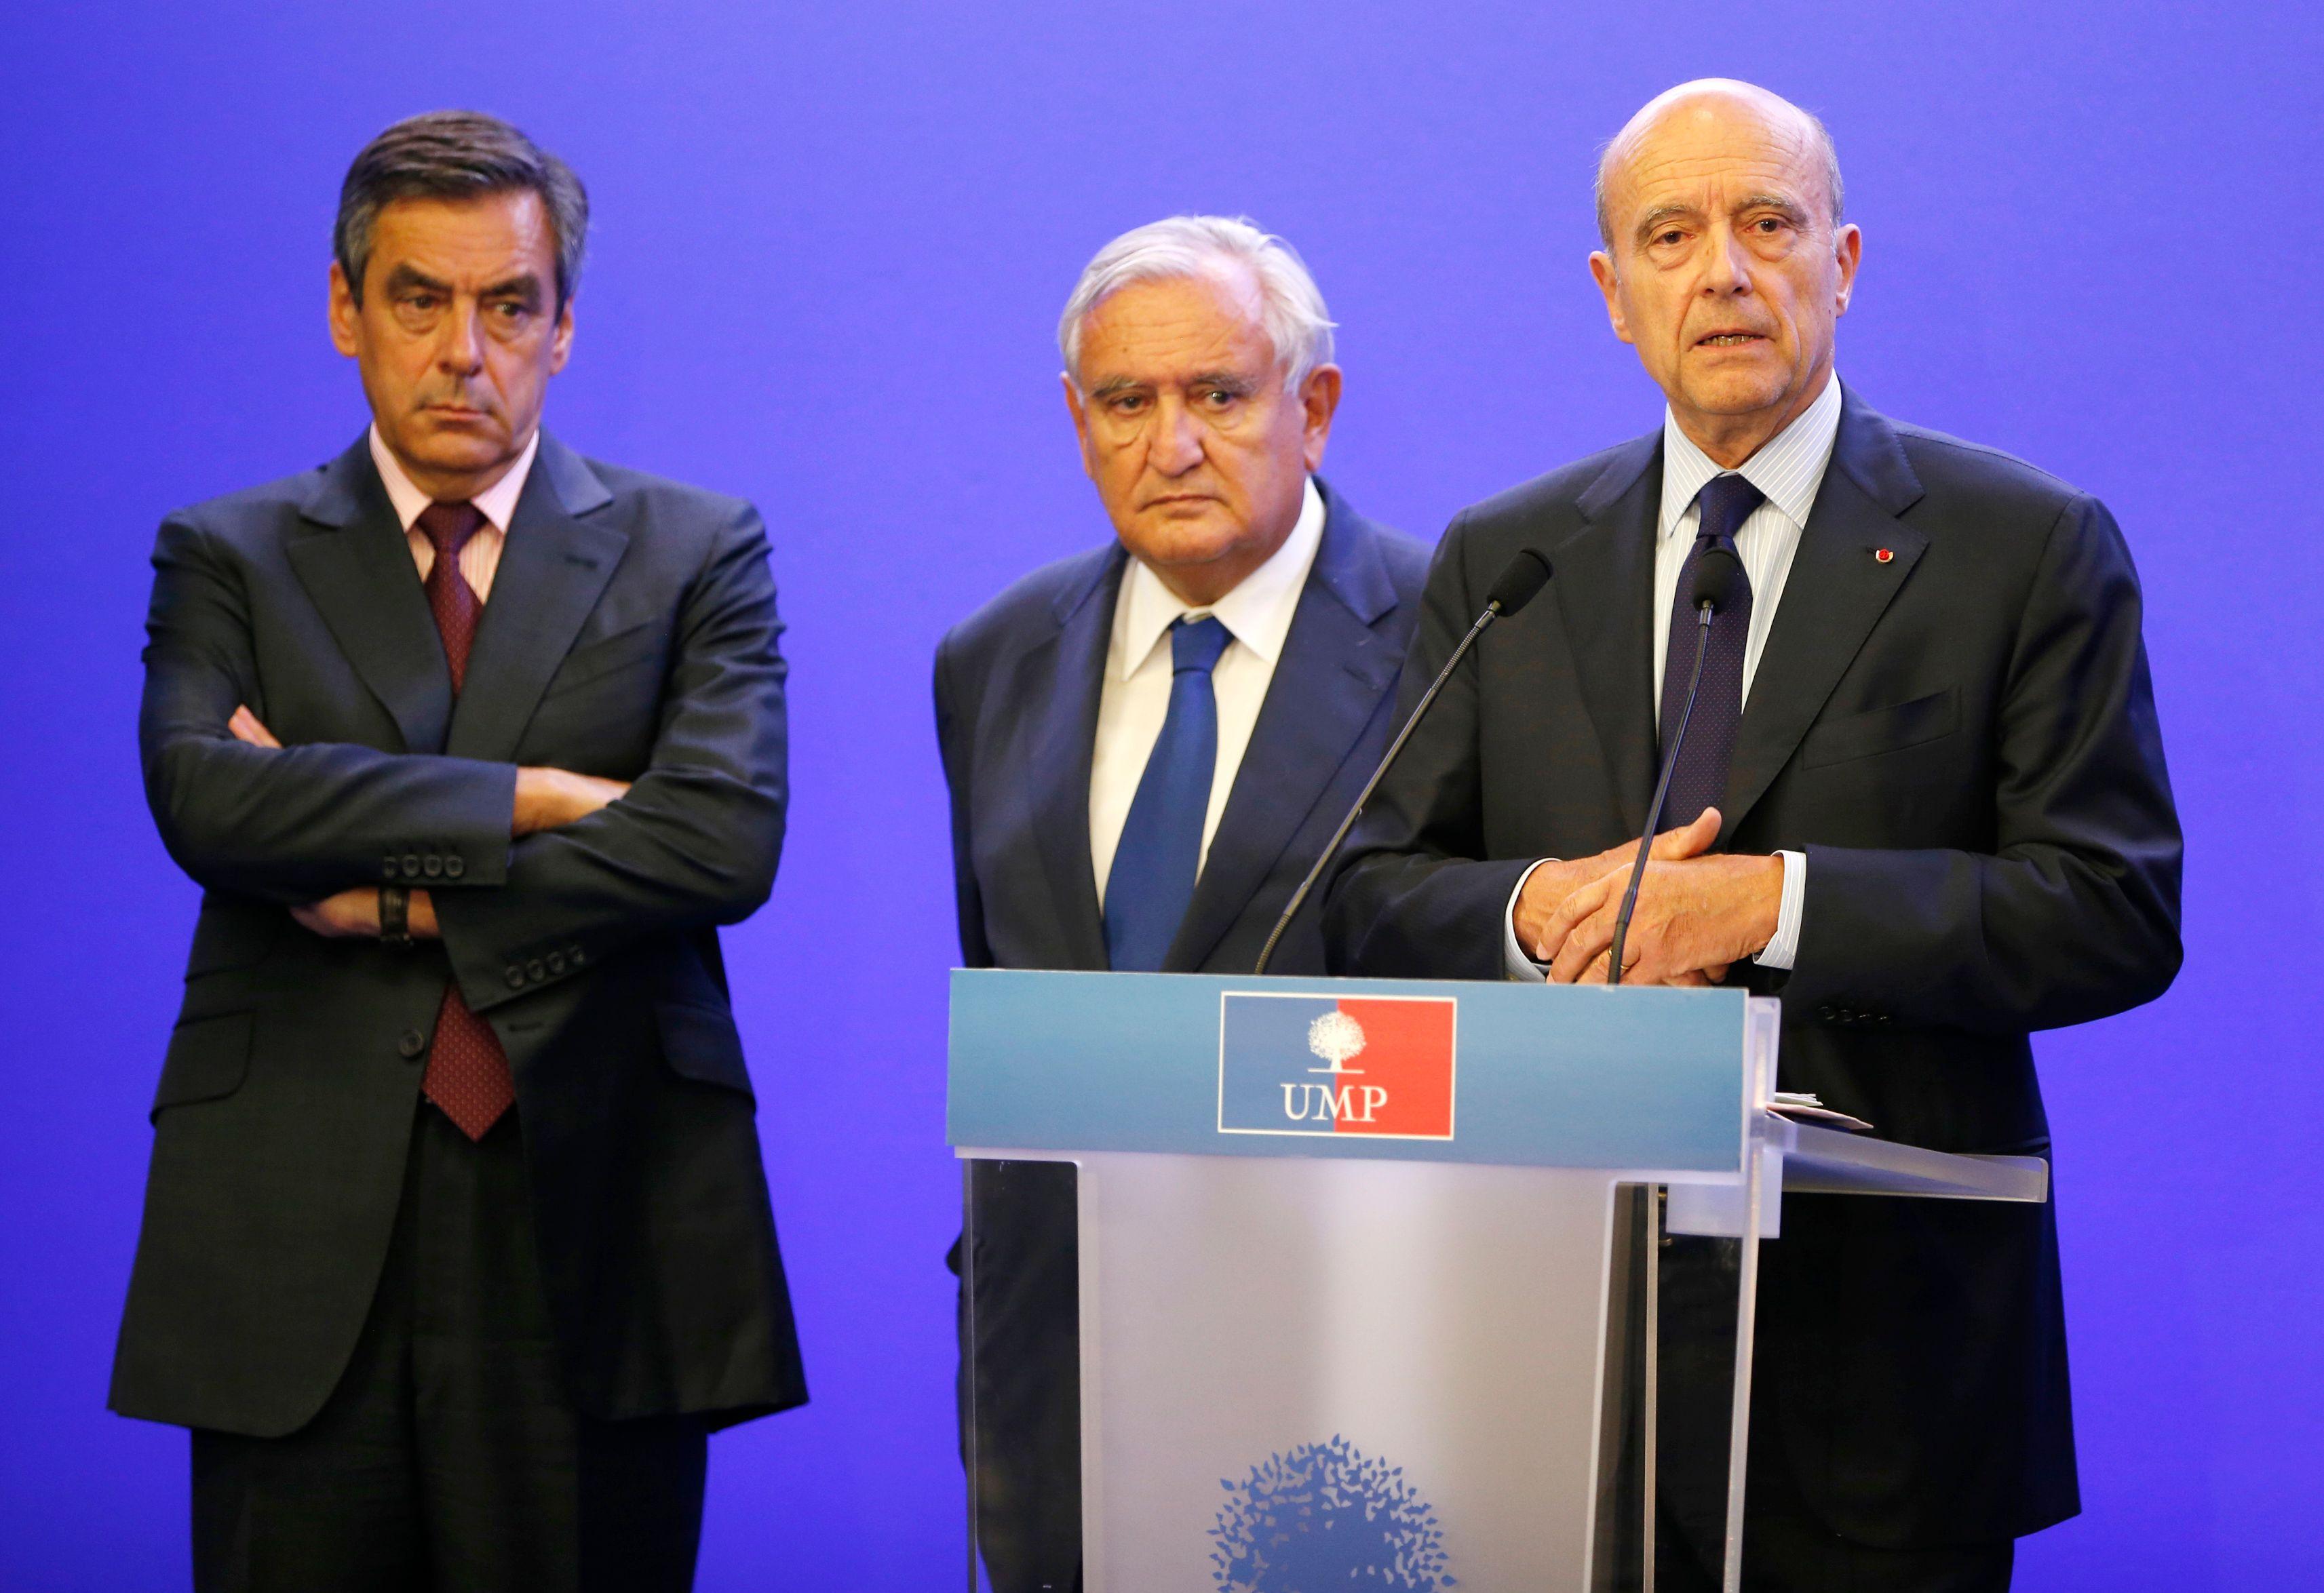 Pour Alain Juppé, la situation à l'UMP reste grave